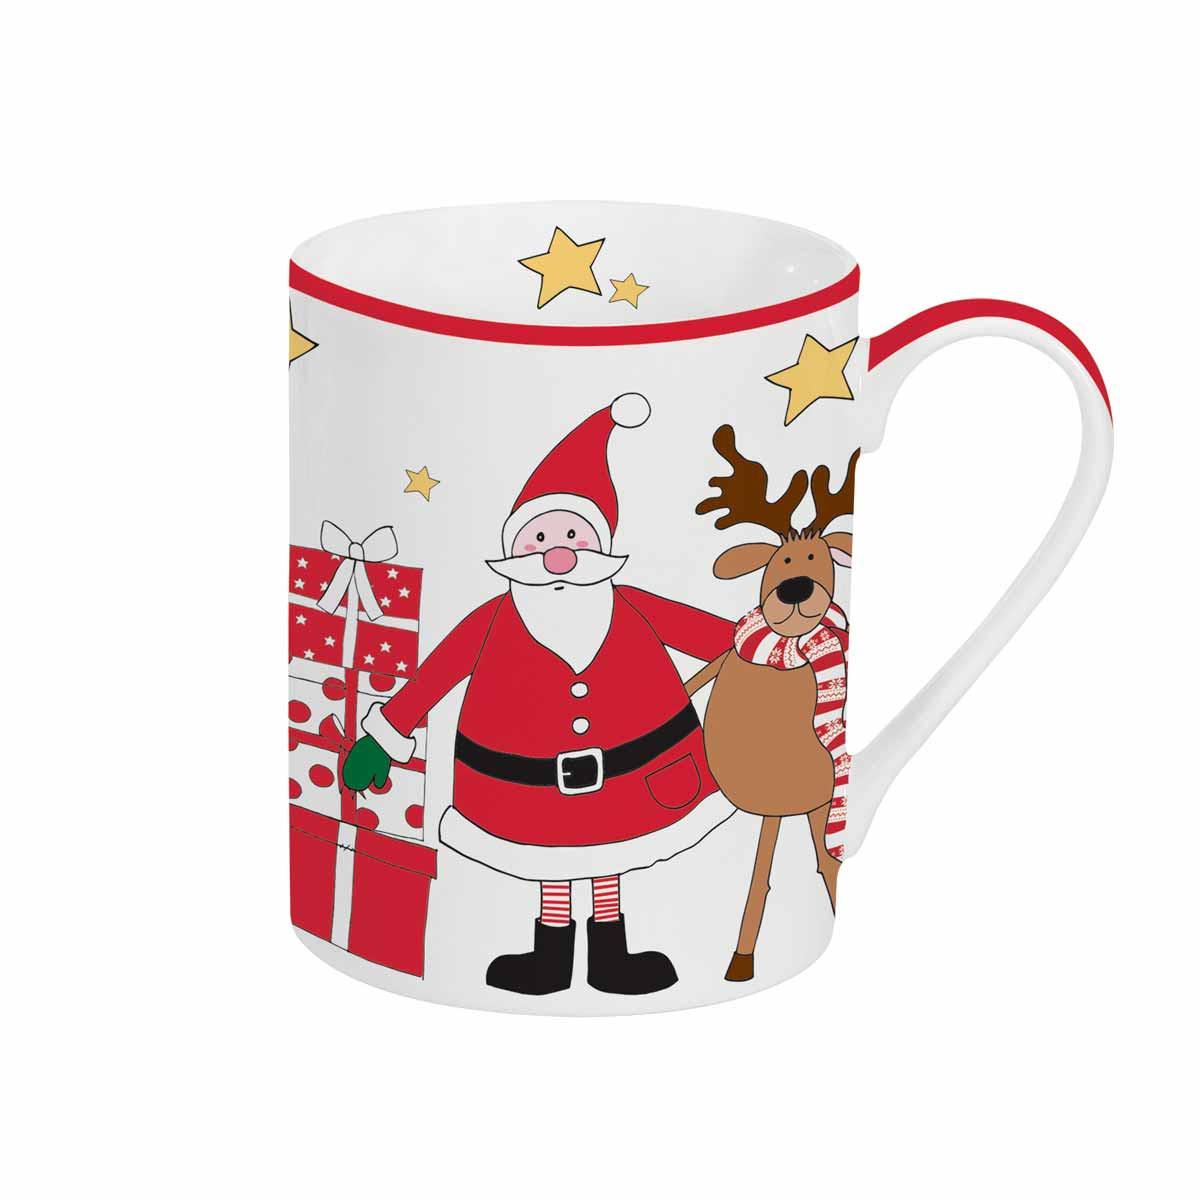 Χριστουγεννιάτικη Κούπα Marva Friends 1037SΑFΒ home   χριστουγεννιάτικα   χριστουγεννιάτικα διακοσμητικά